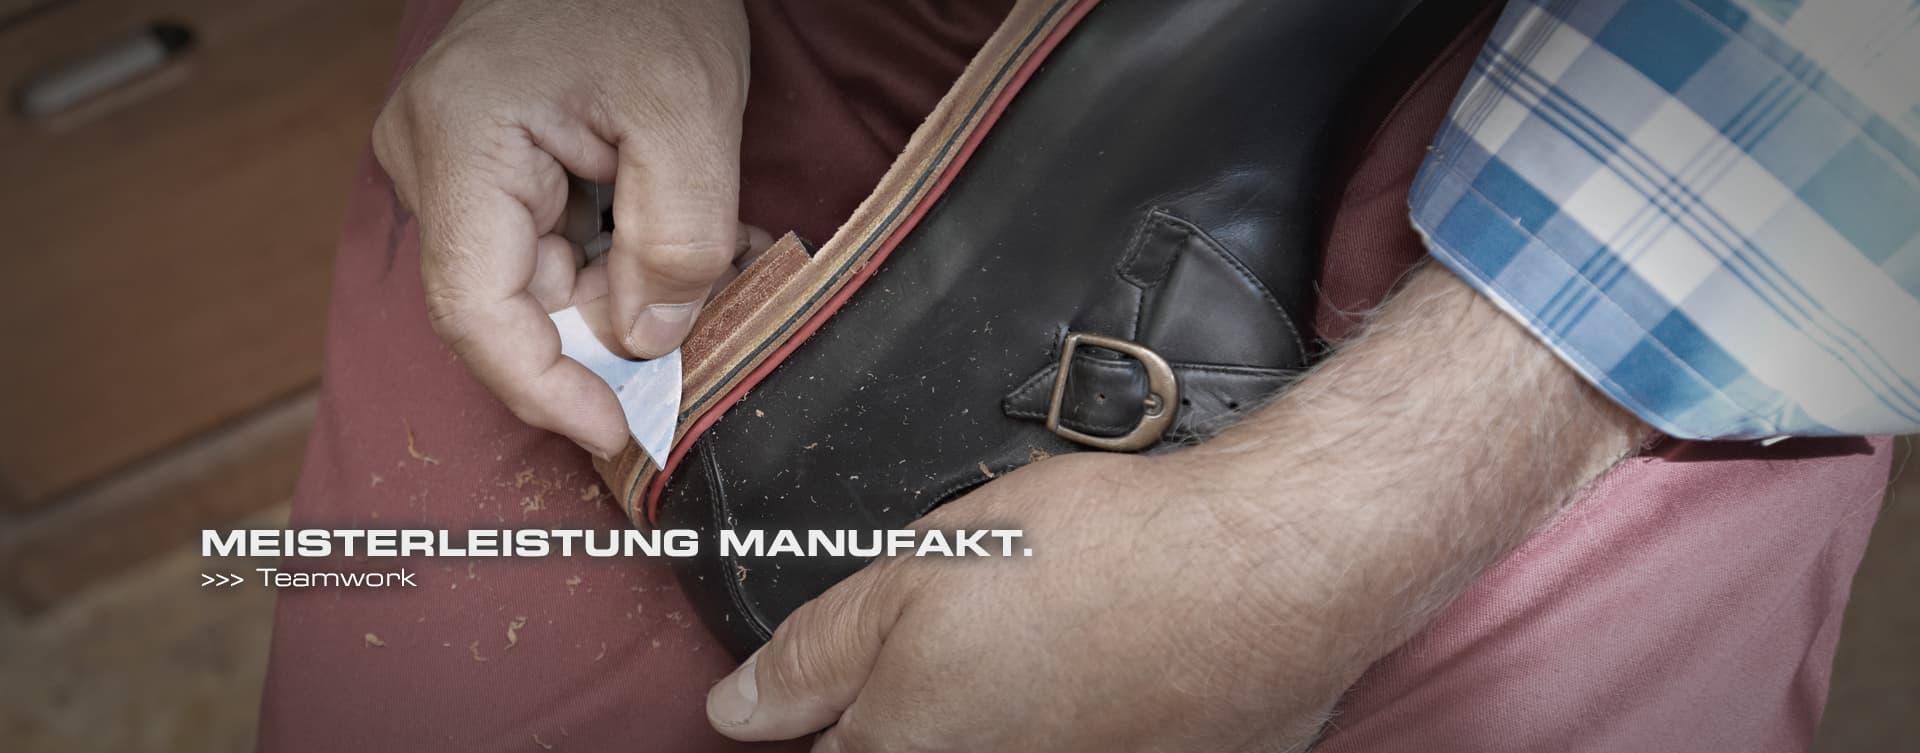 """Das Meisterwerk """"Hackner-Schuh"""" ist summa summarum eine Gemeinschaftsleistung. Unzählige Arbeitschritte und Handgriffe müssen in perfekter Art und Weise und in entsprechender Reihenfolge erfolgen. Ohne unsere hoch qualifizierten und erfahrenen Mitarbeiter wäre ein VitalloFlex oder Runnertune in seiner erstklassigen Verarbeitung nicht möglich. Es bedarf jahrelanger Erfahrung und großem Können, einen Schuh in einer solch hohen Qualität herzustellen."""